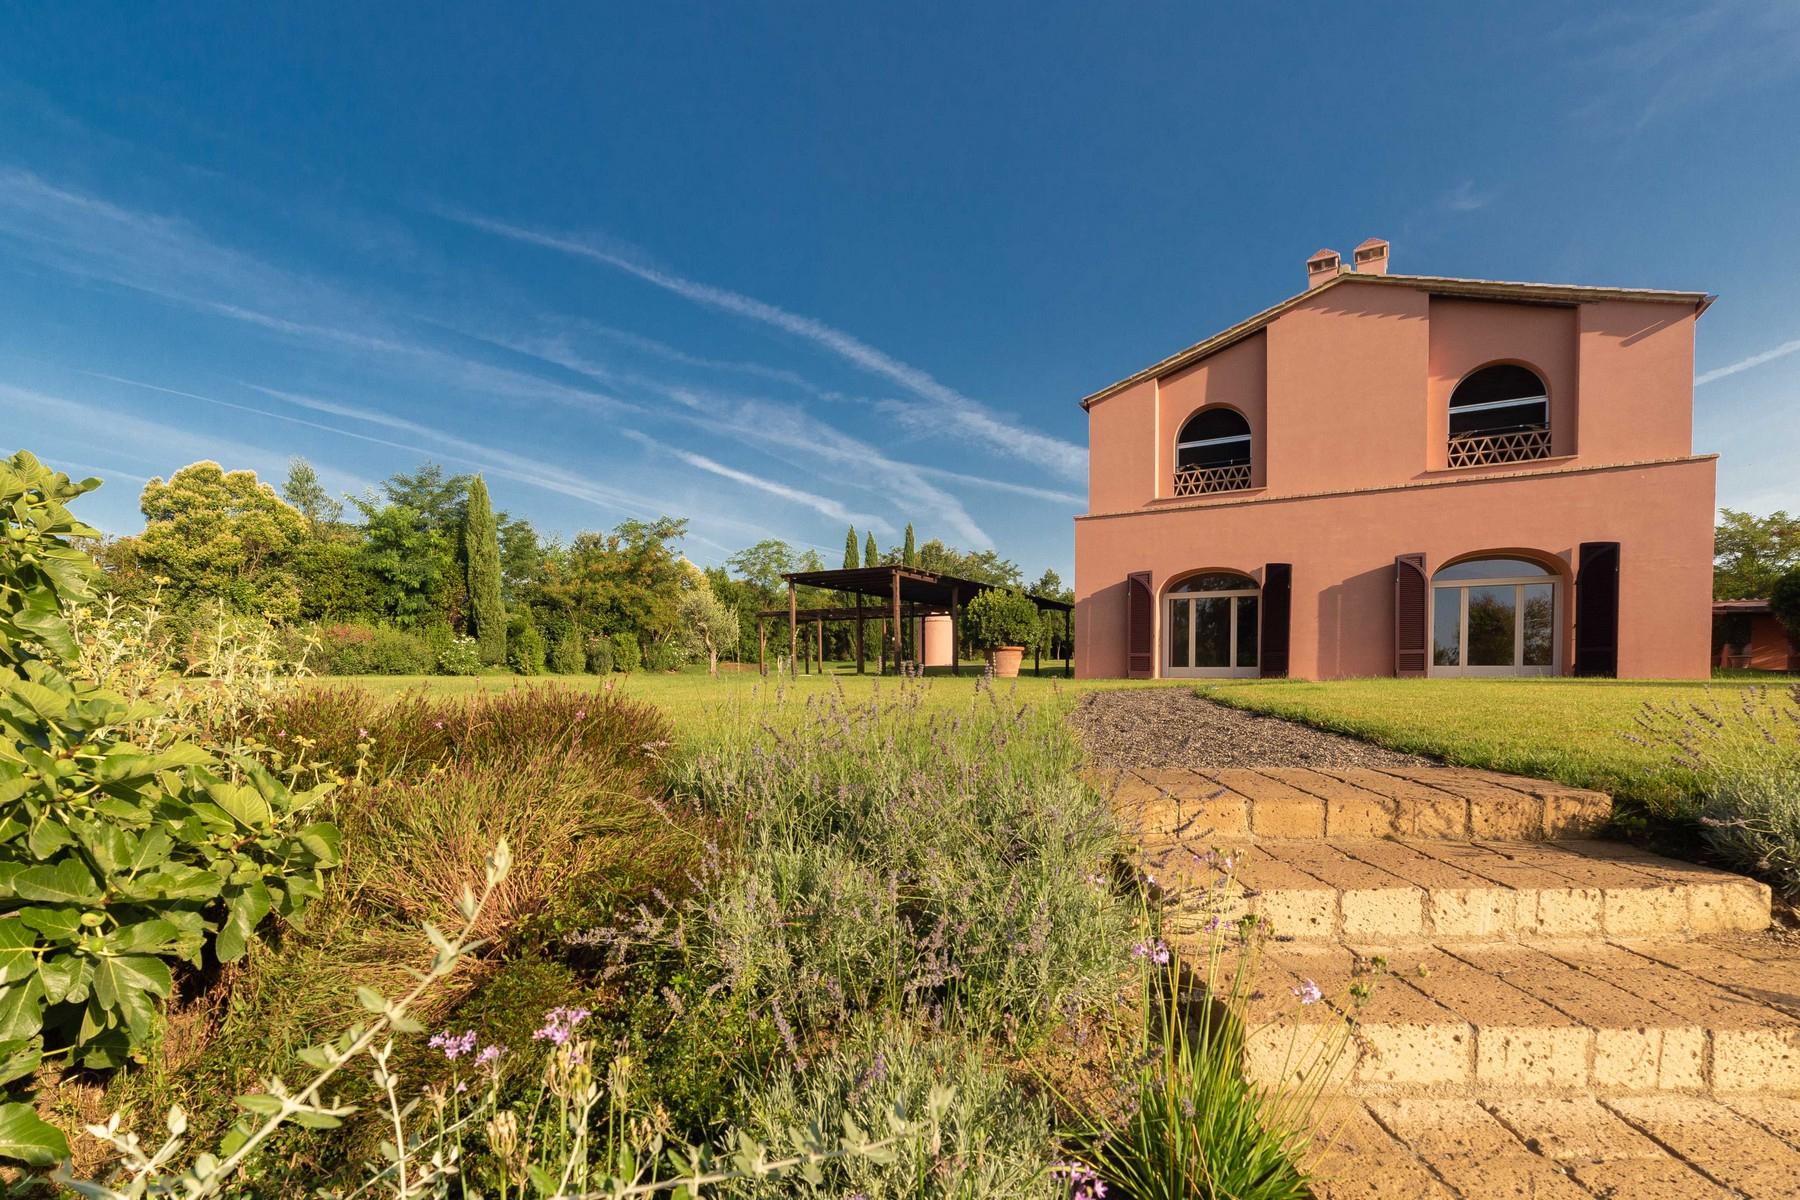 Villa in Vendita a Magliano In Toscana: 5 locali, 790 mq - Foto 8